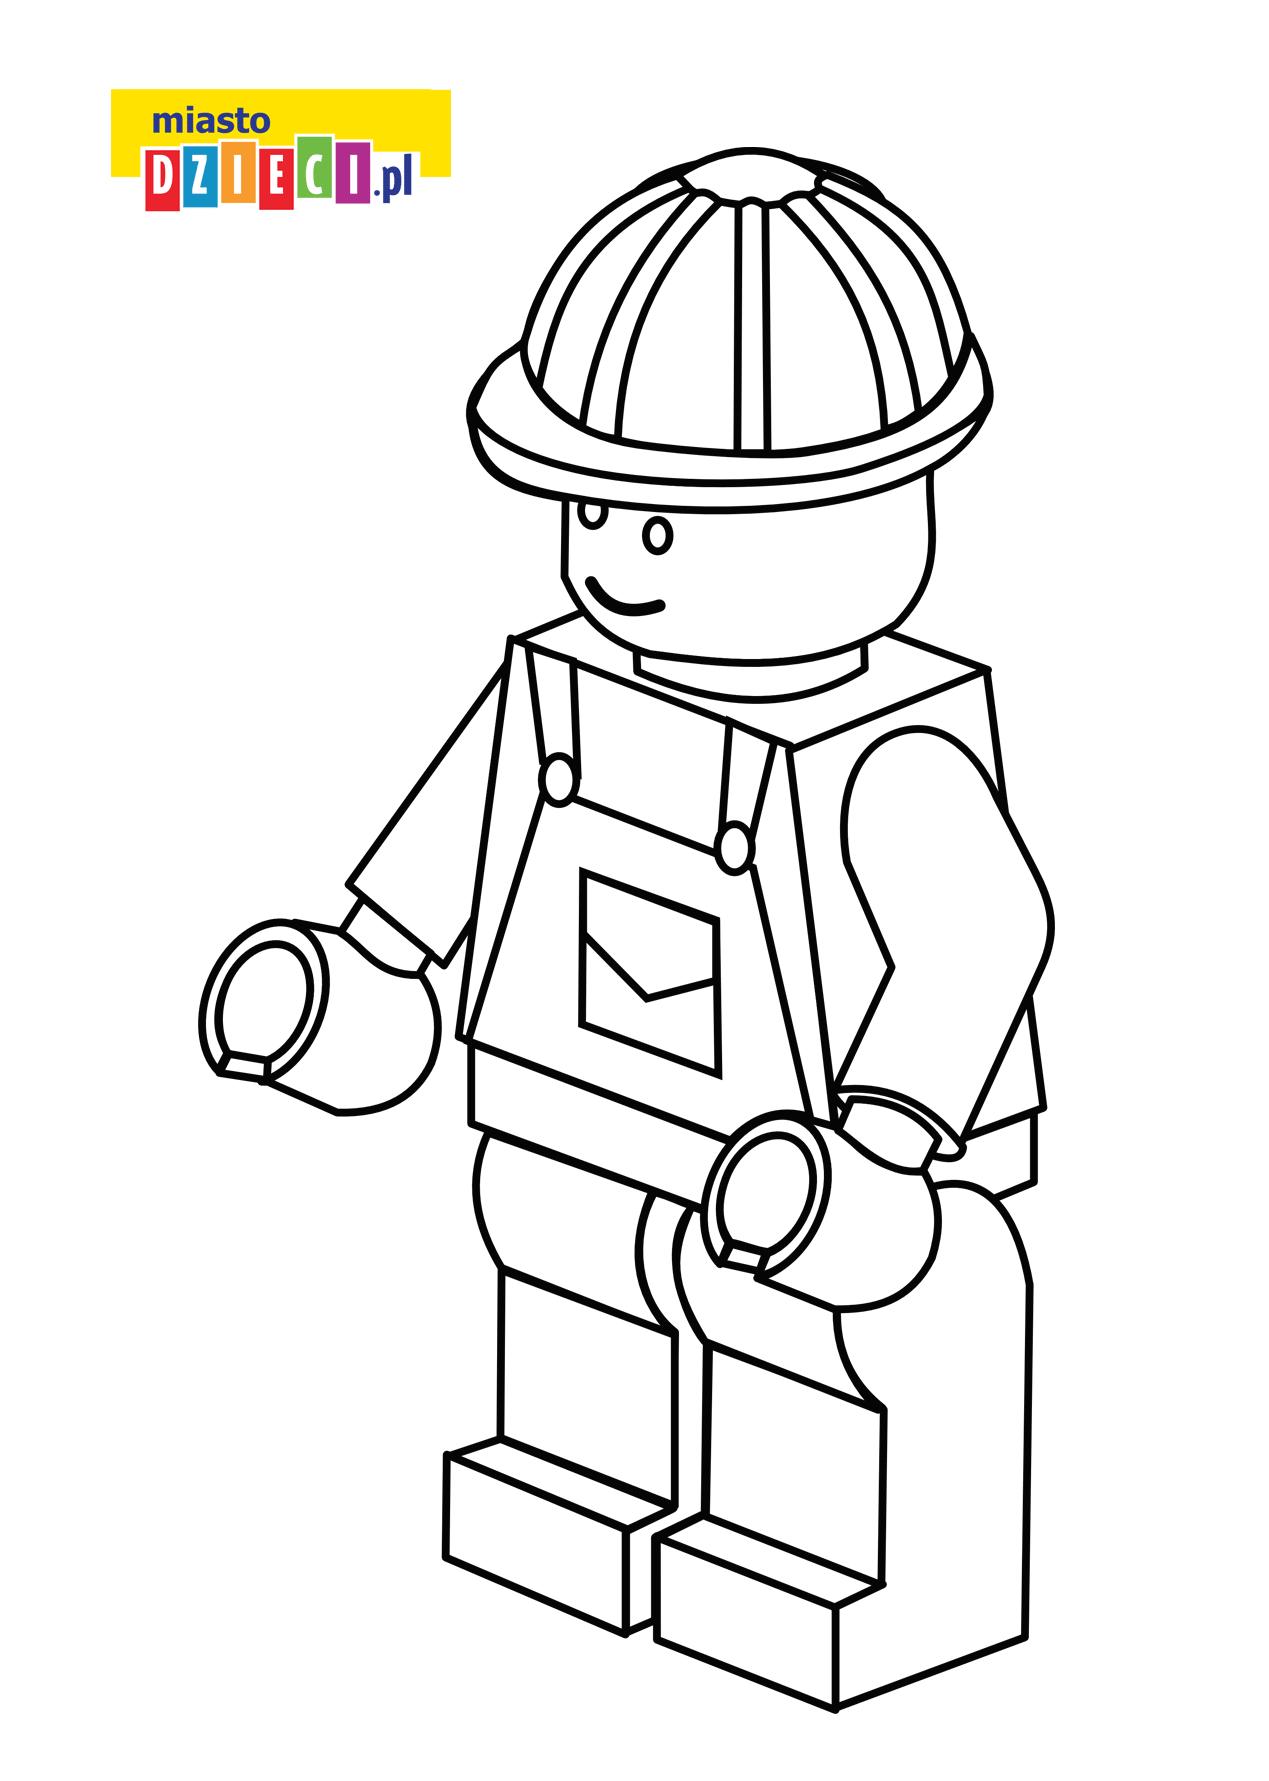 Ludzik Lego - kolorowanka kolorowanki i szablony do druku dla dzieci MiastoDzieci.pl